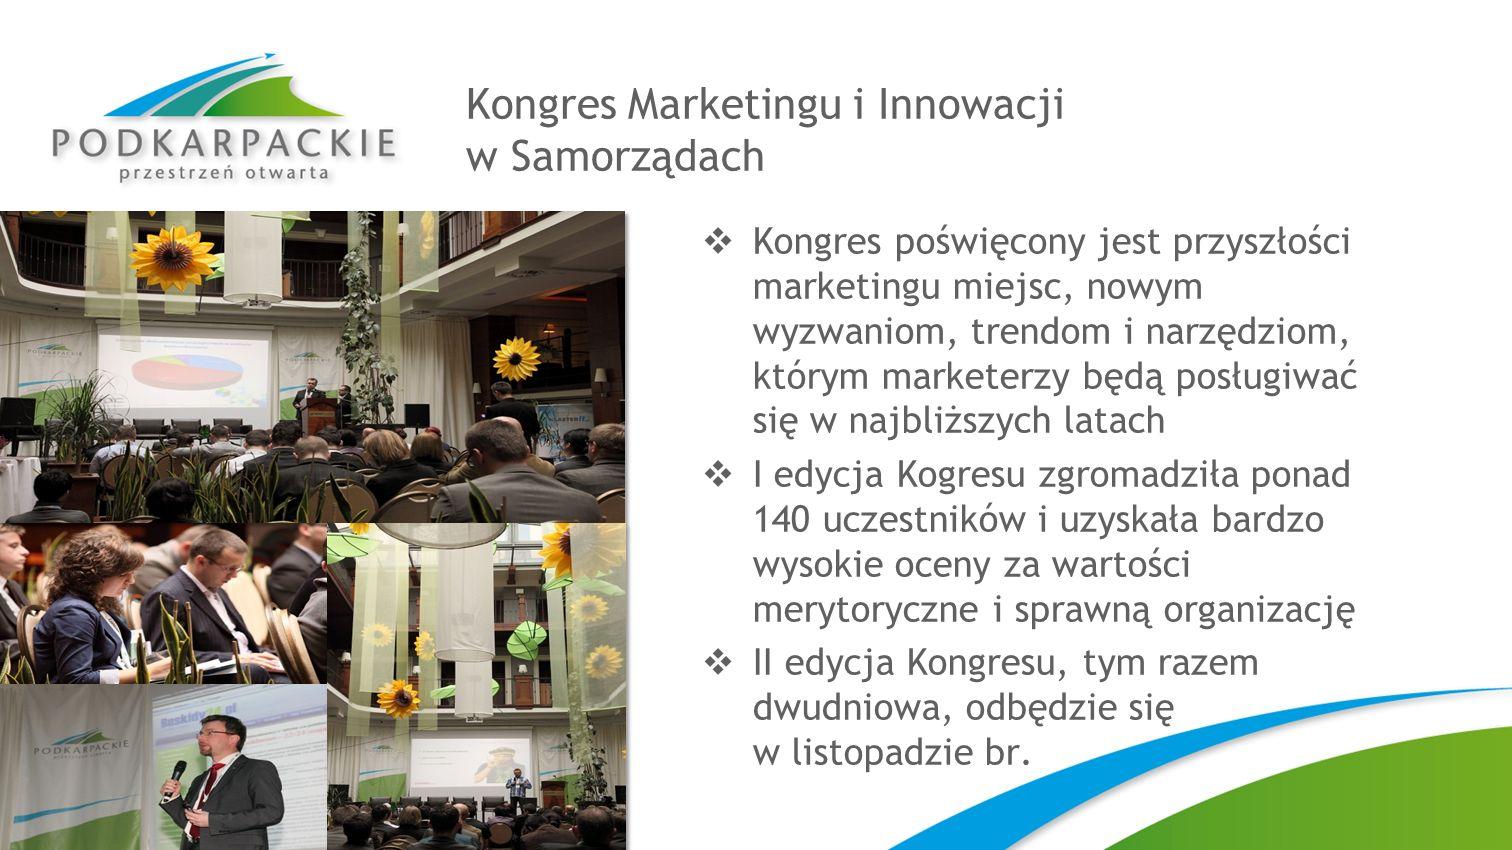 Kongres Marketingu i Innowacji w Samorządach